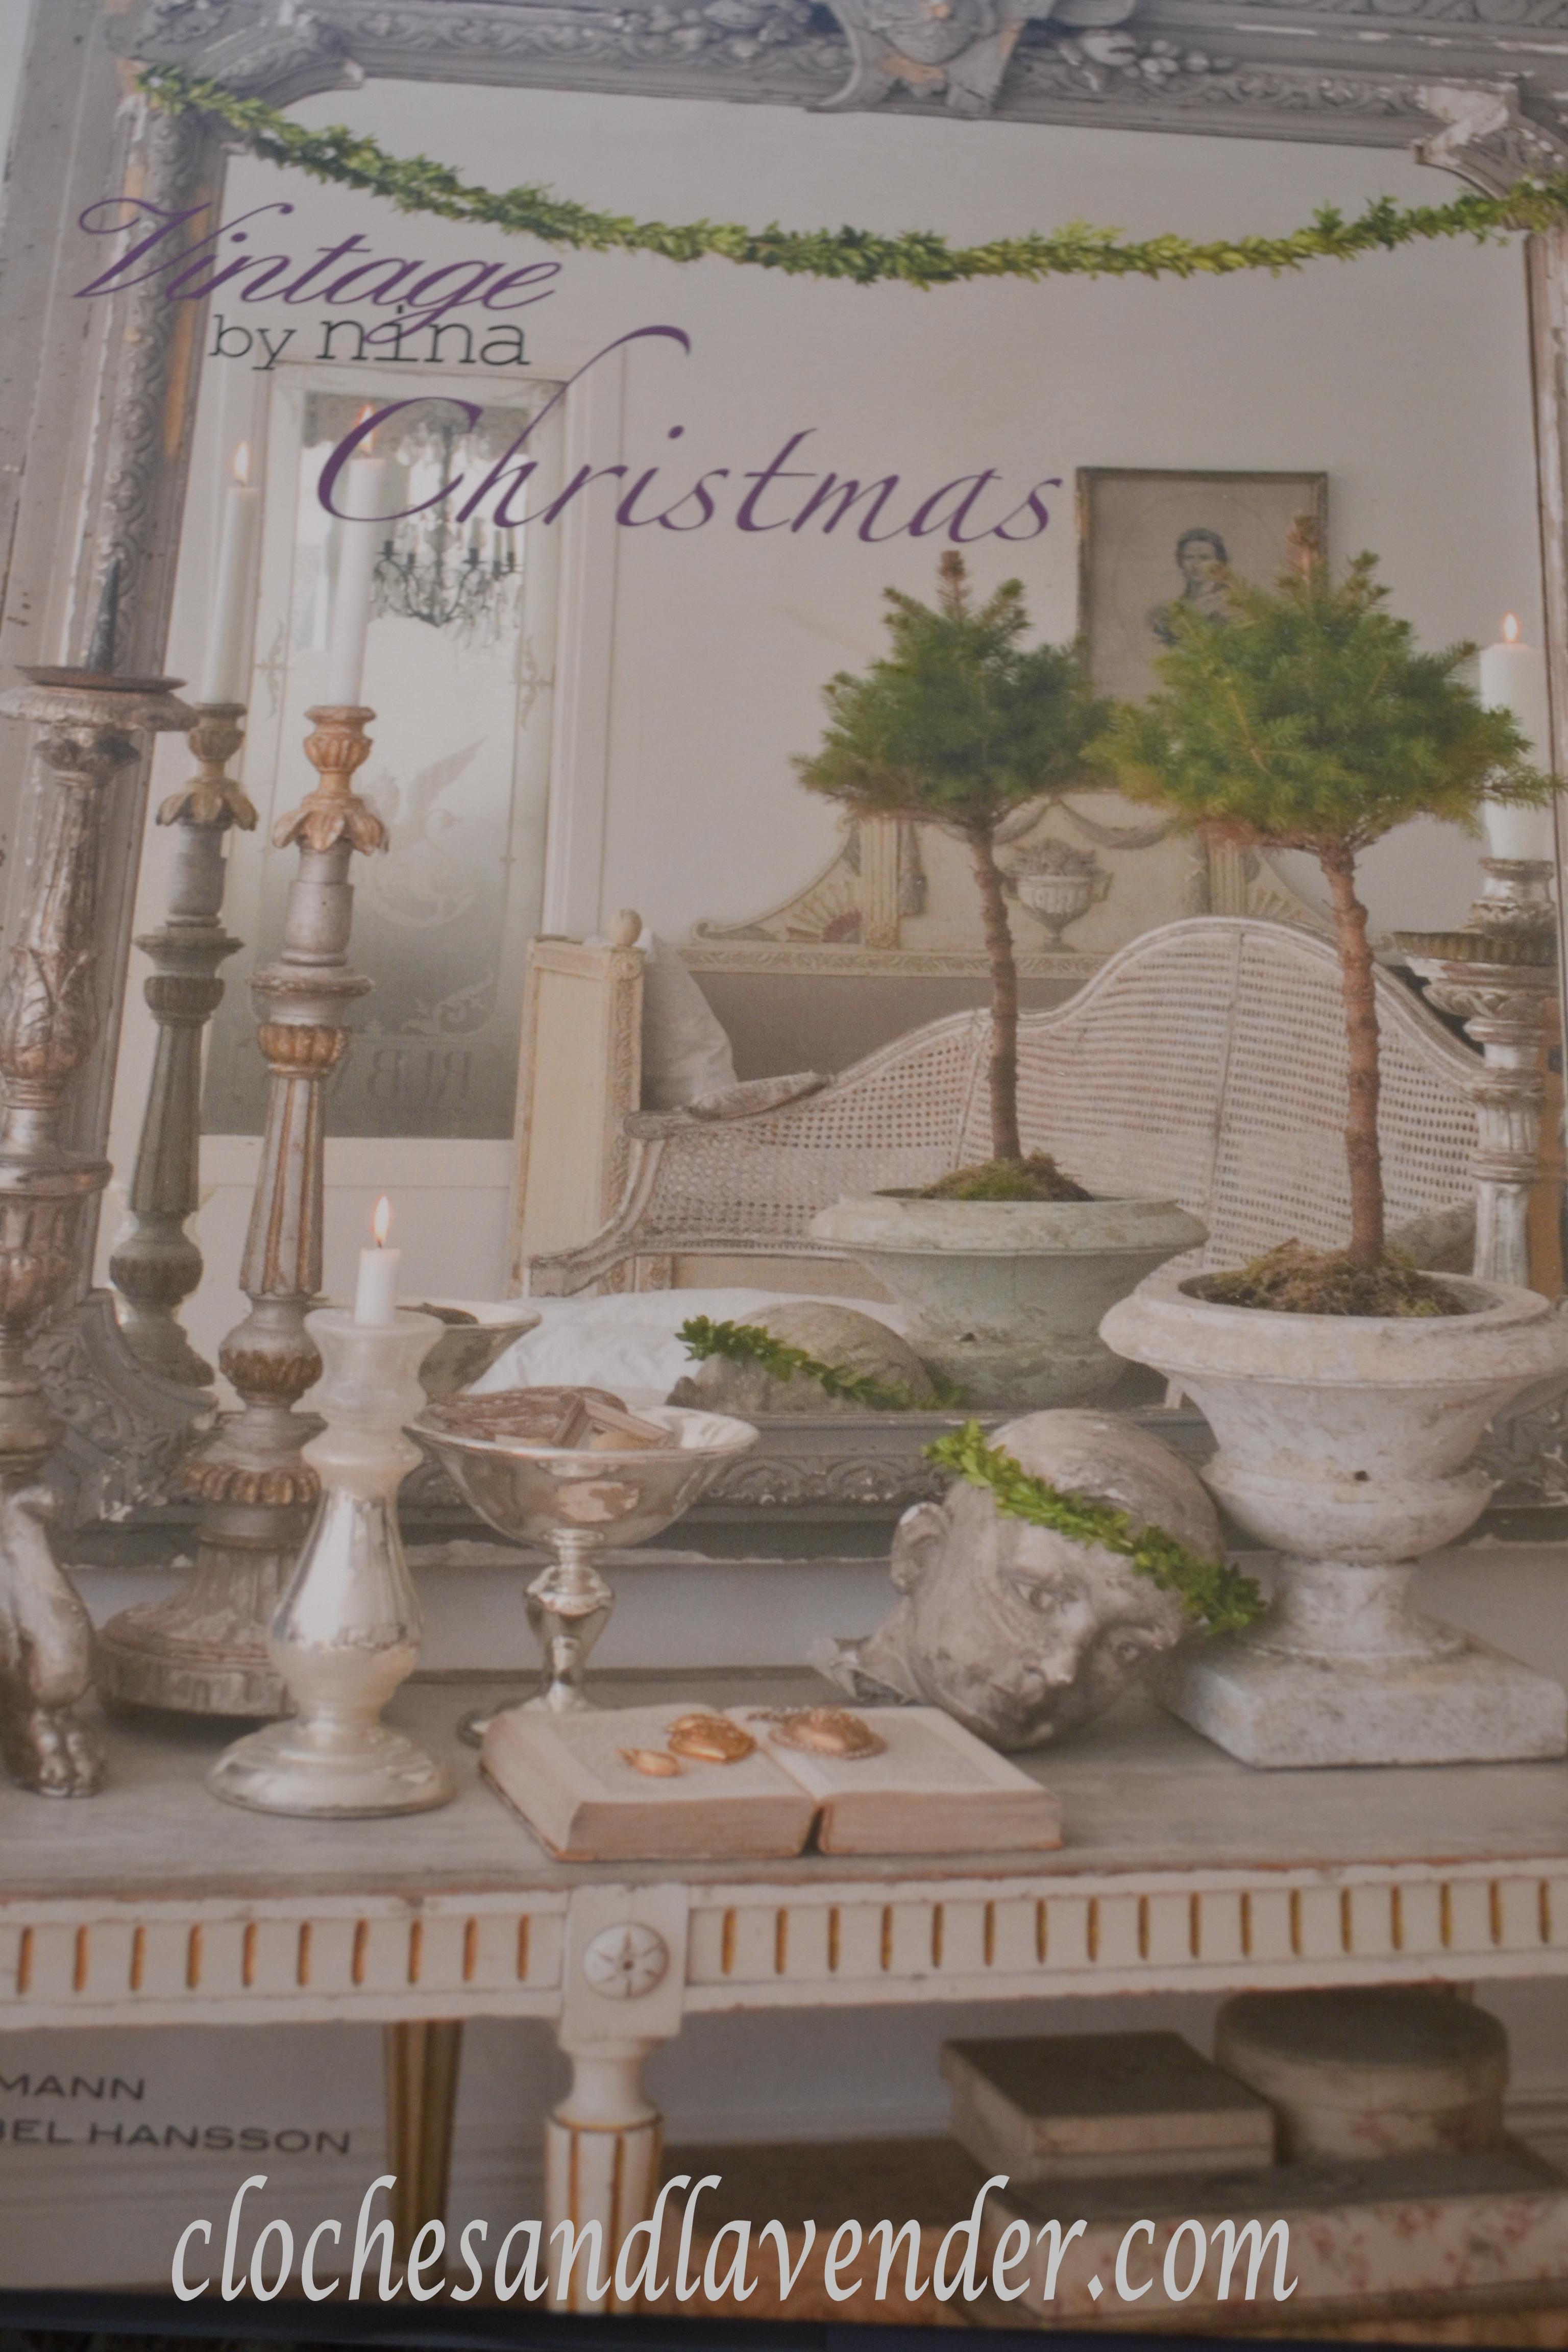 Vintage Christmas by Nina